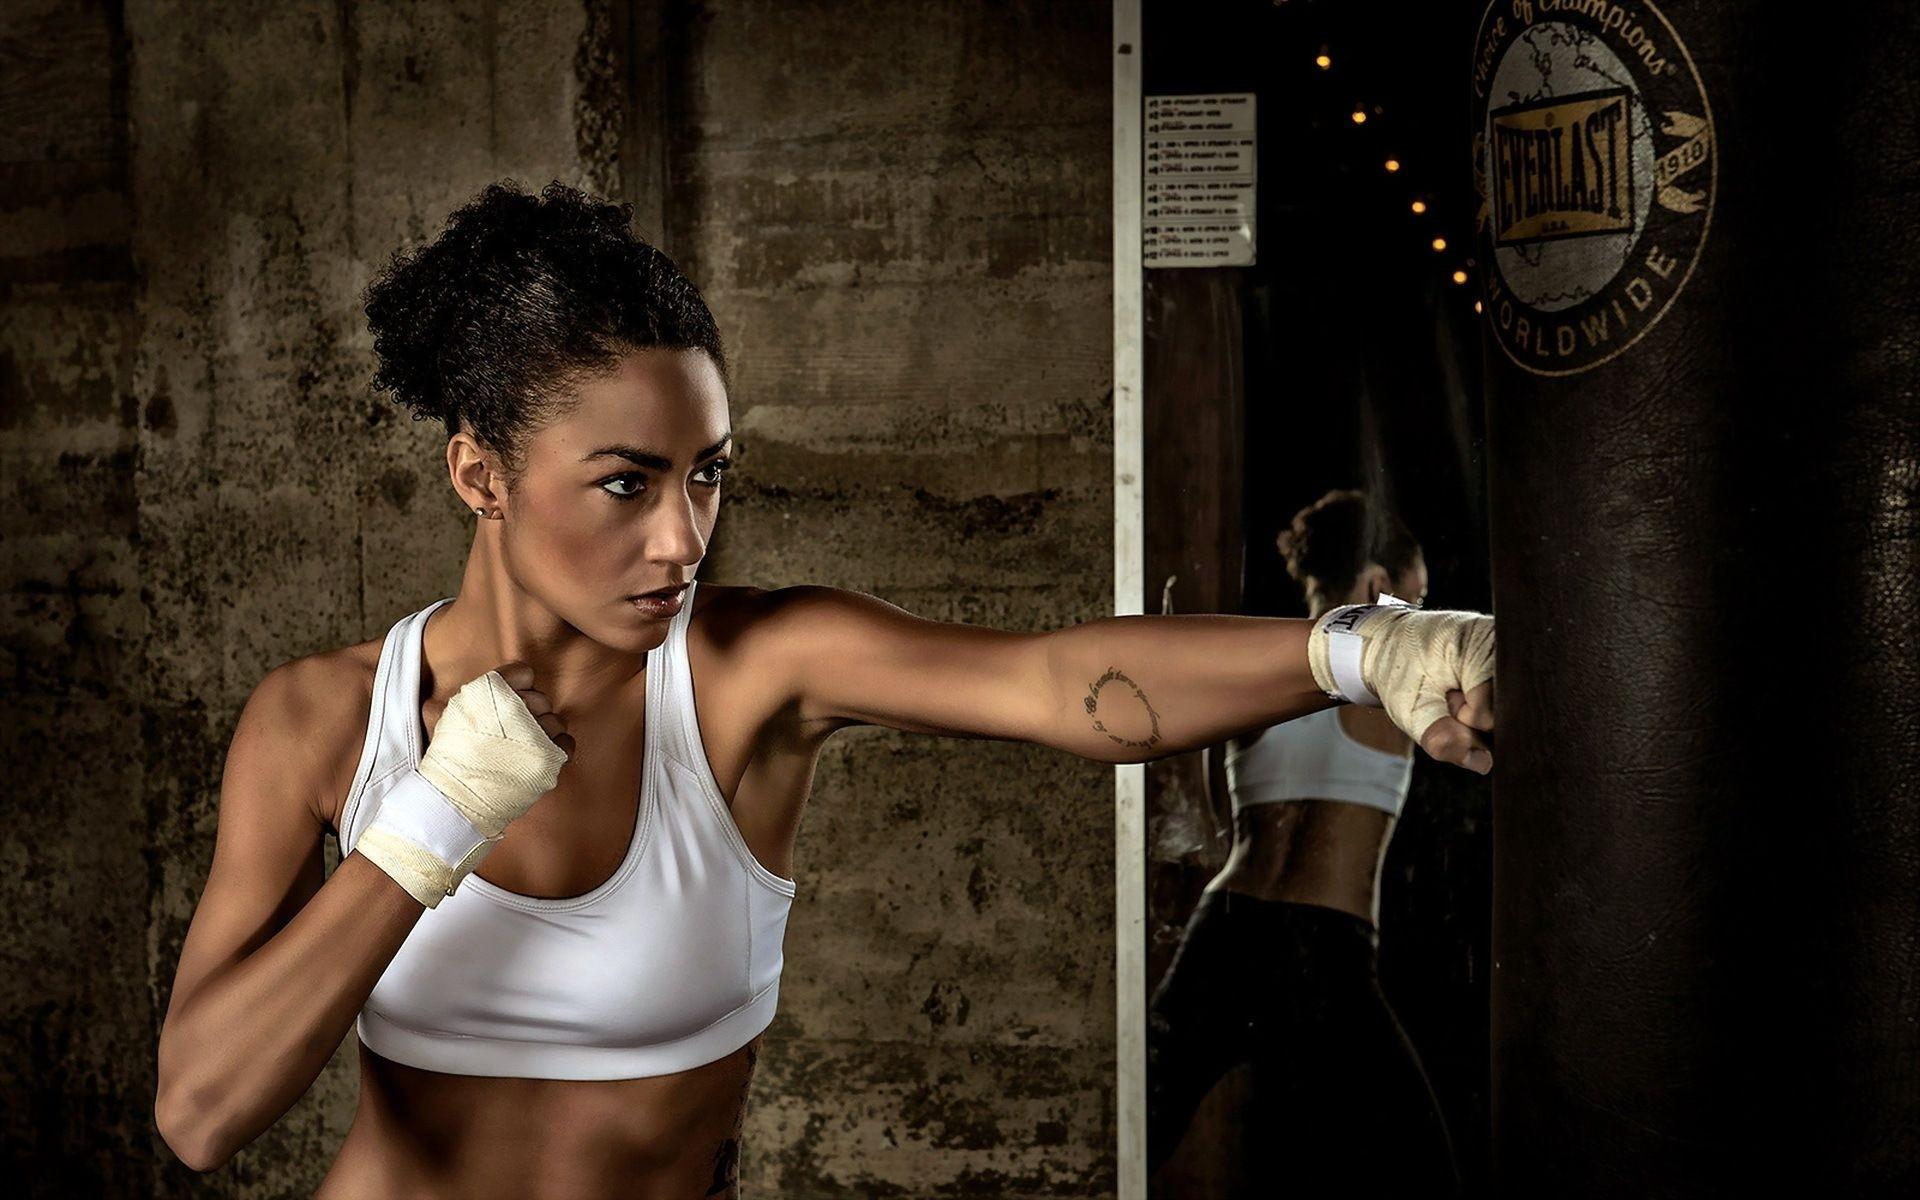 поисках боксеры почему бьют баллон Другие, Любовь